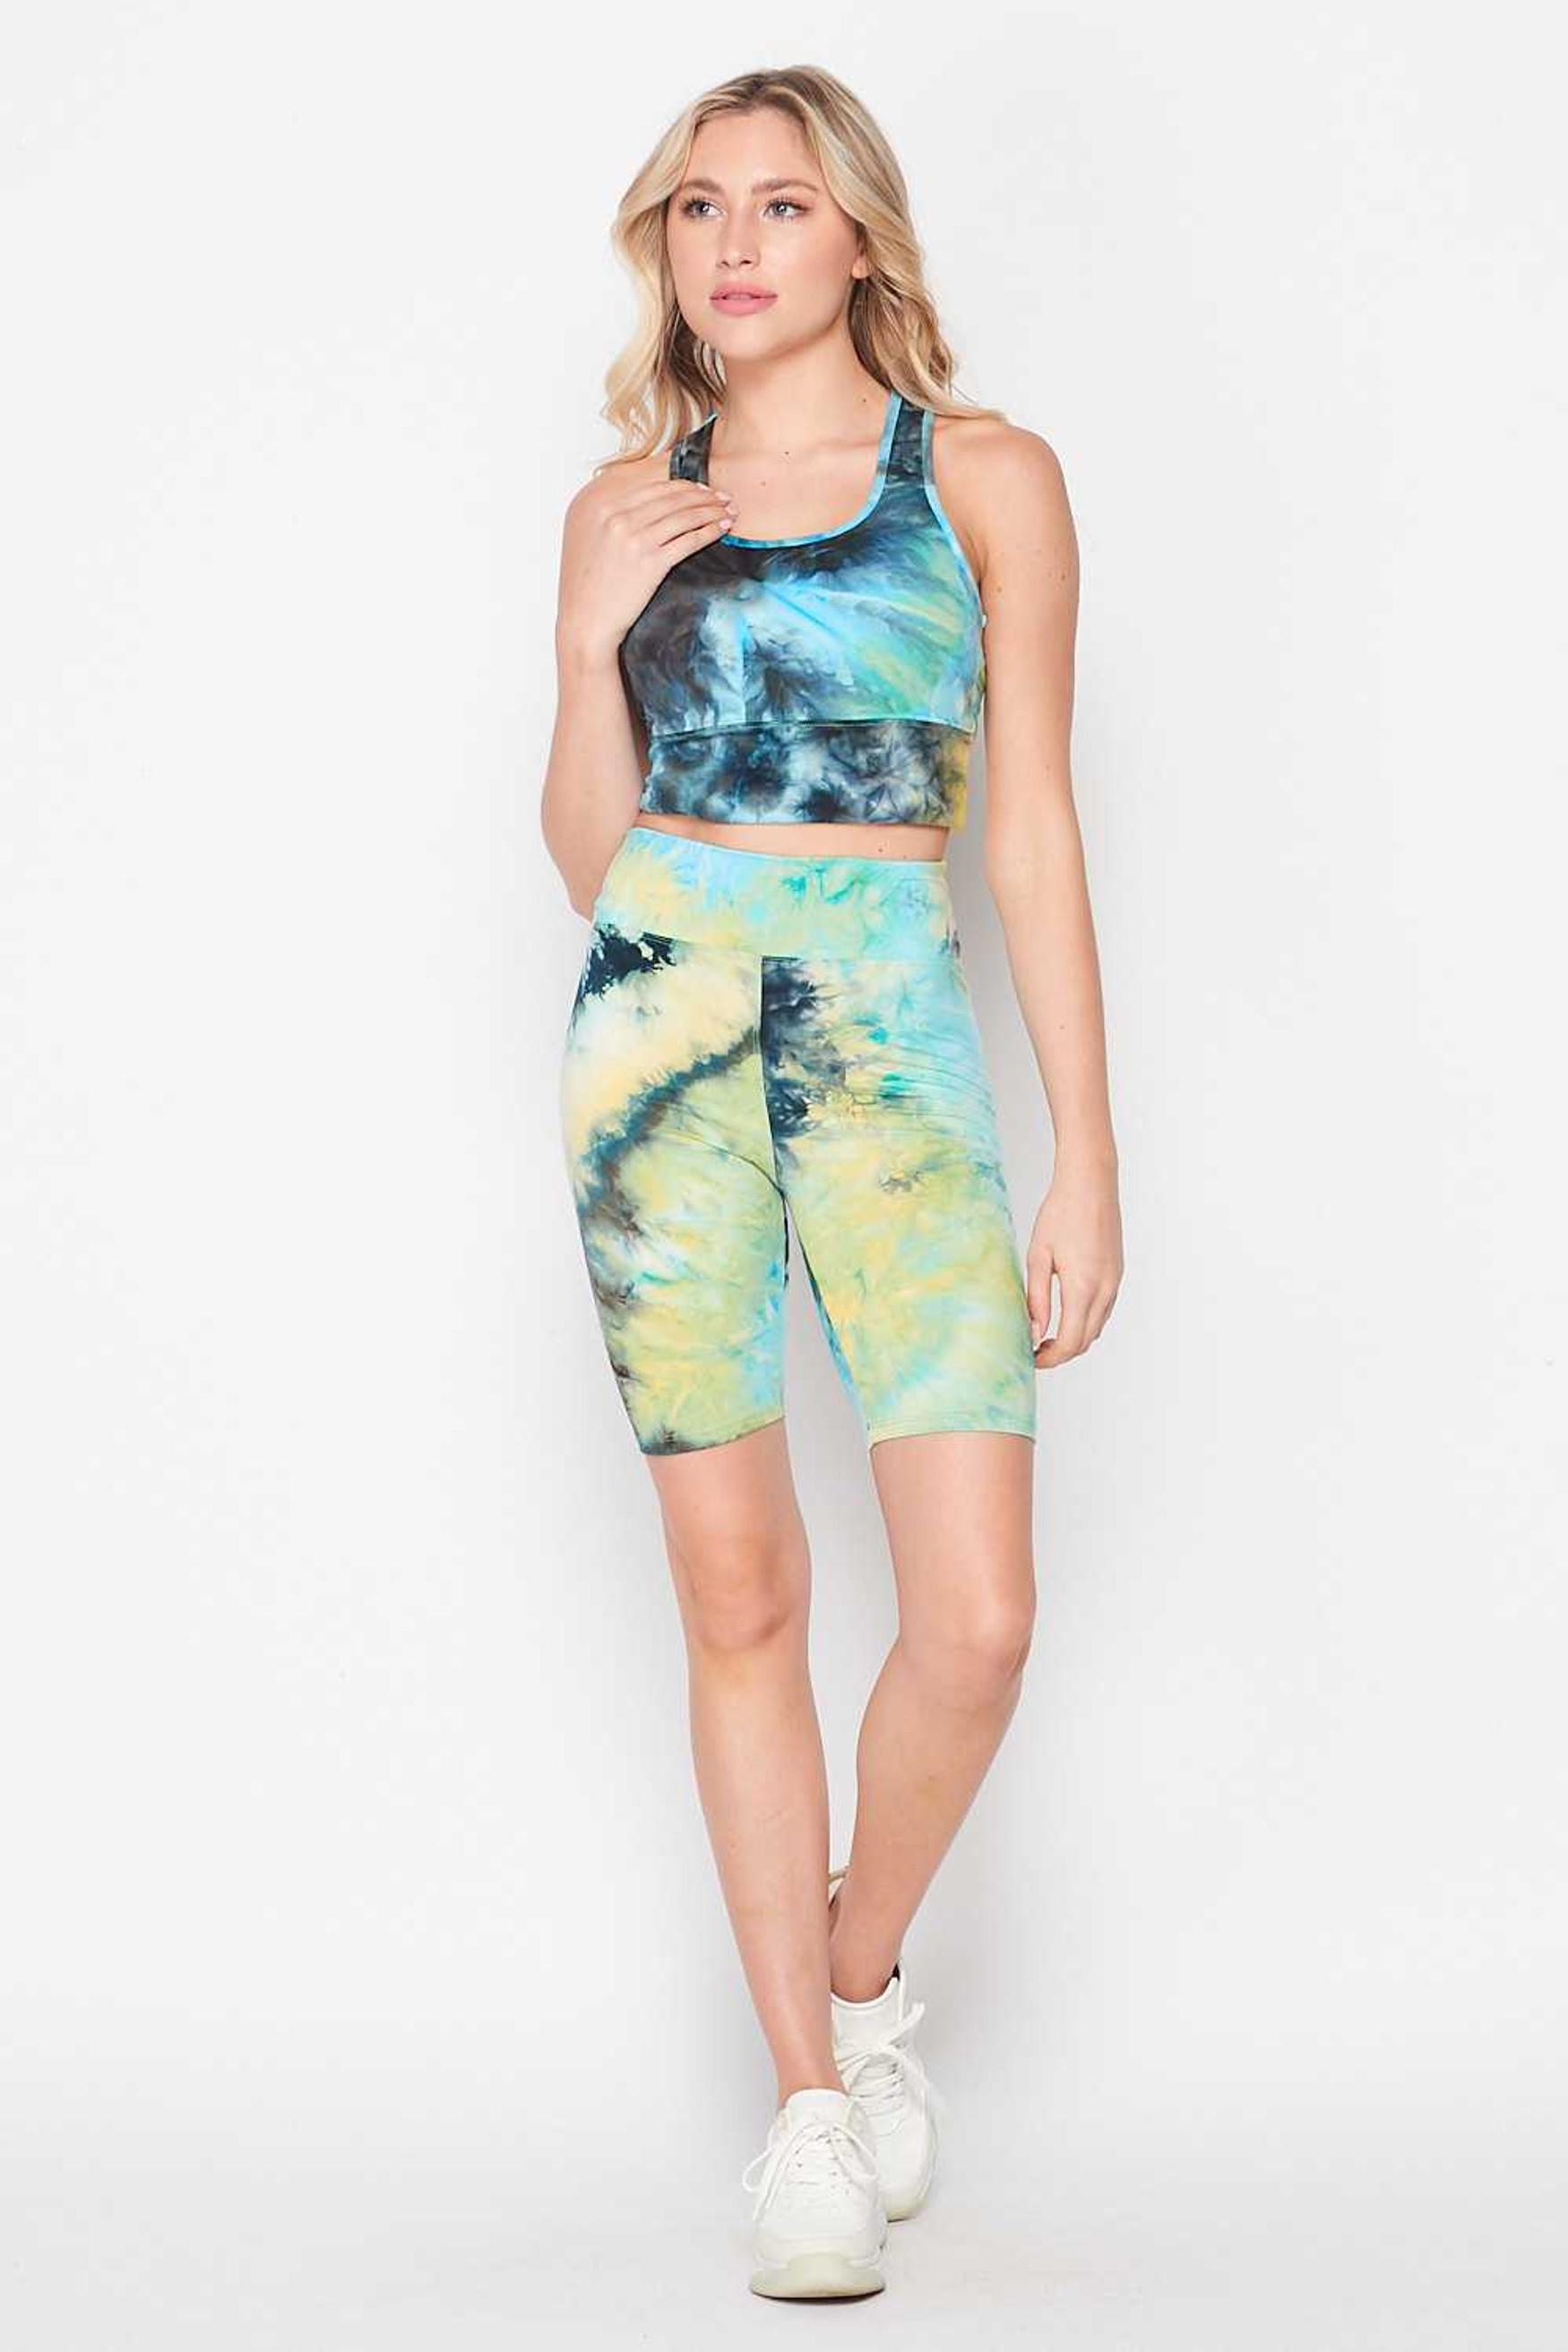 Blue Tie Dye 2 Piece High Waisted Biker Shorts and Crop Top Set